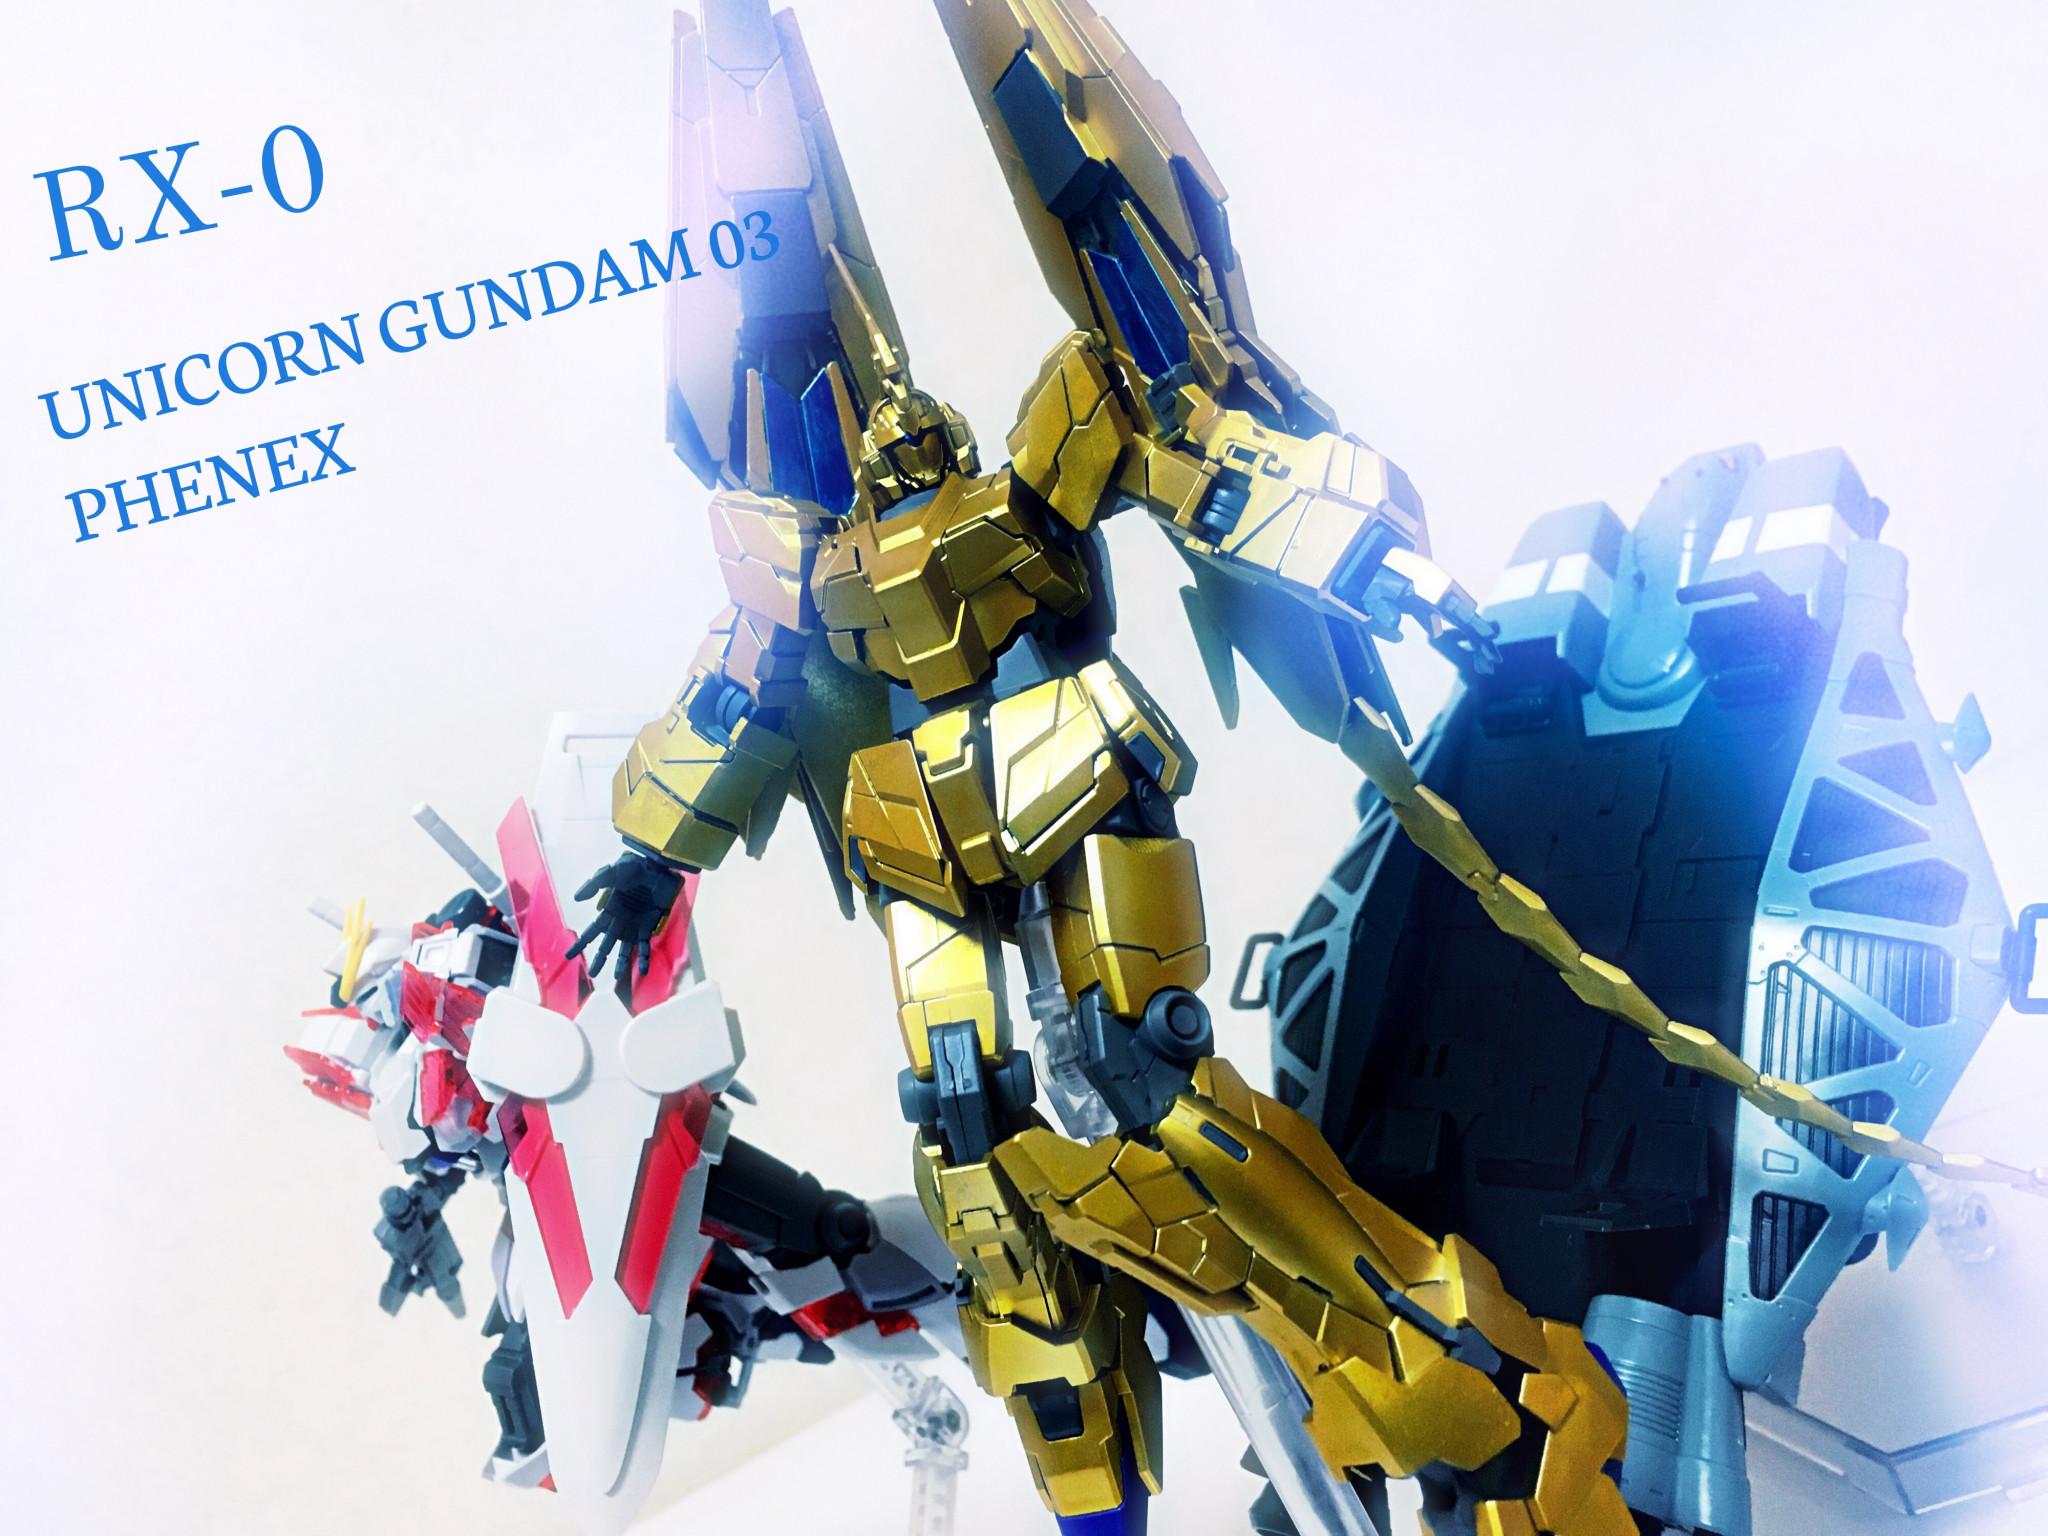 Rx 0 ユニコーンガンダム3号機 フェネクス ユニコーンモード